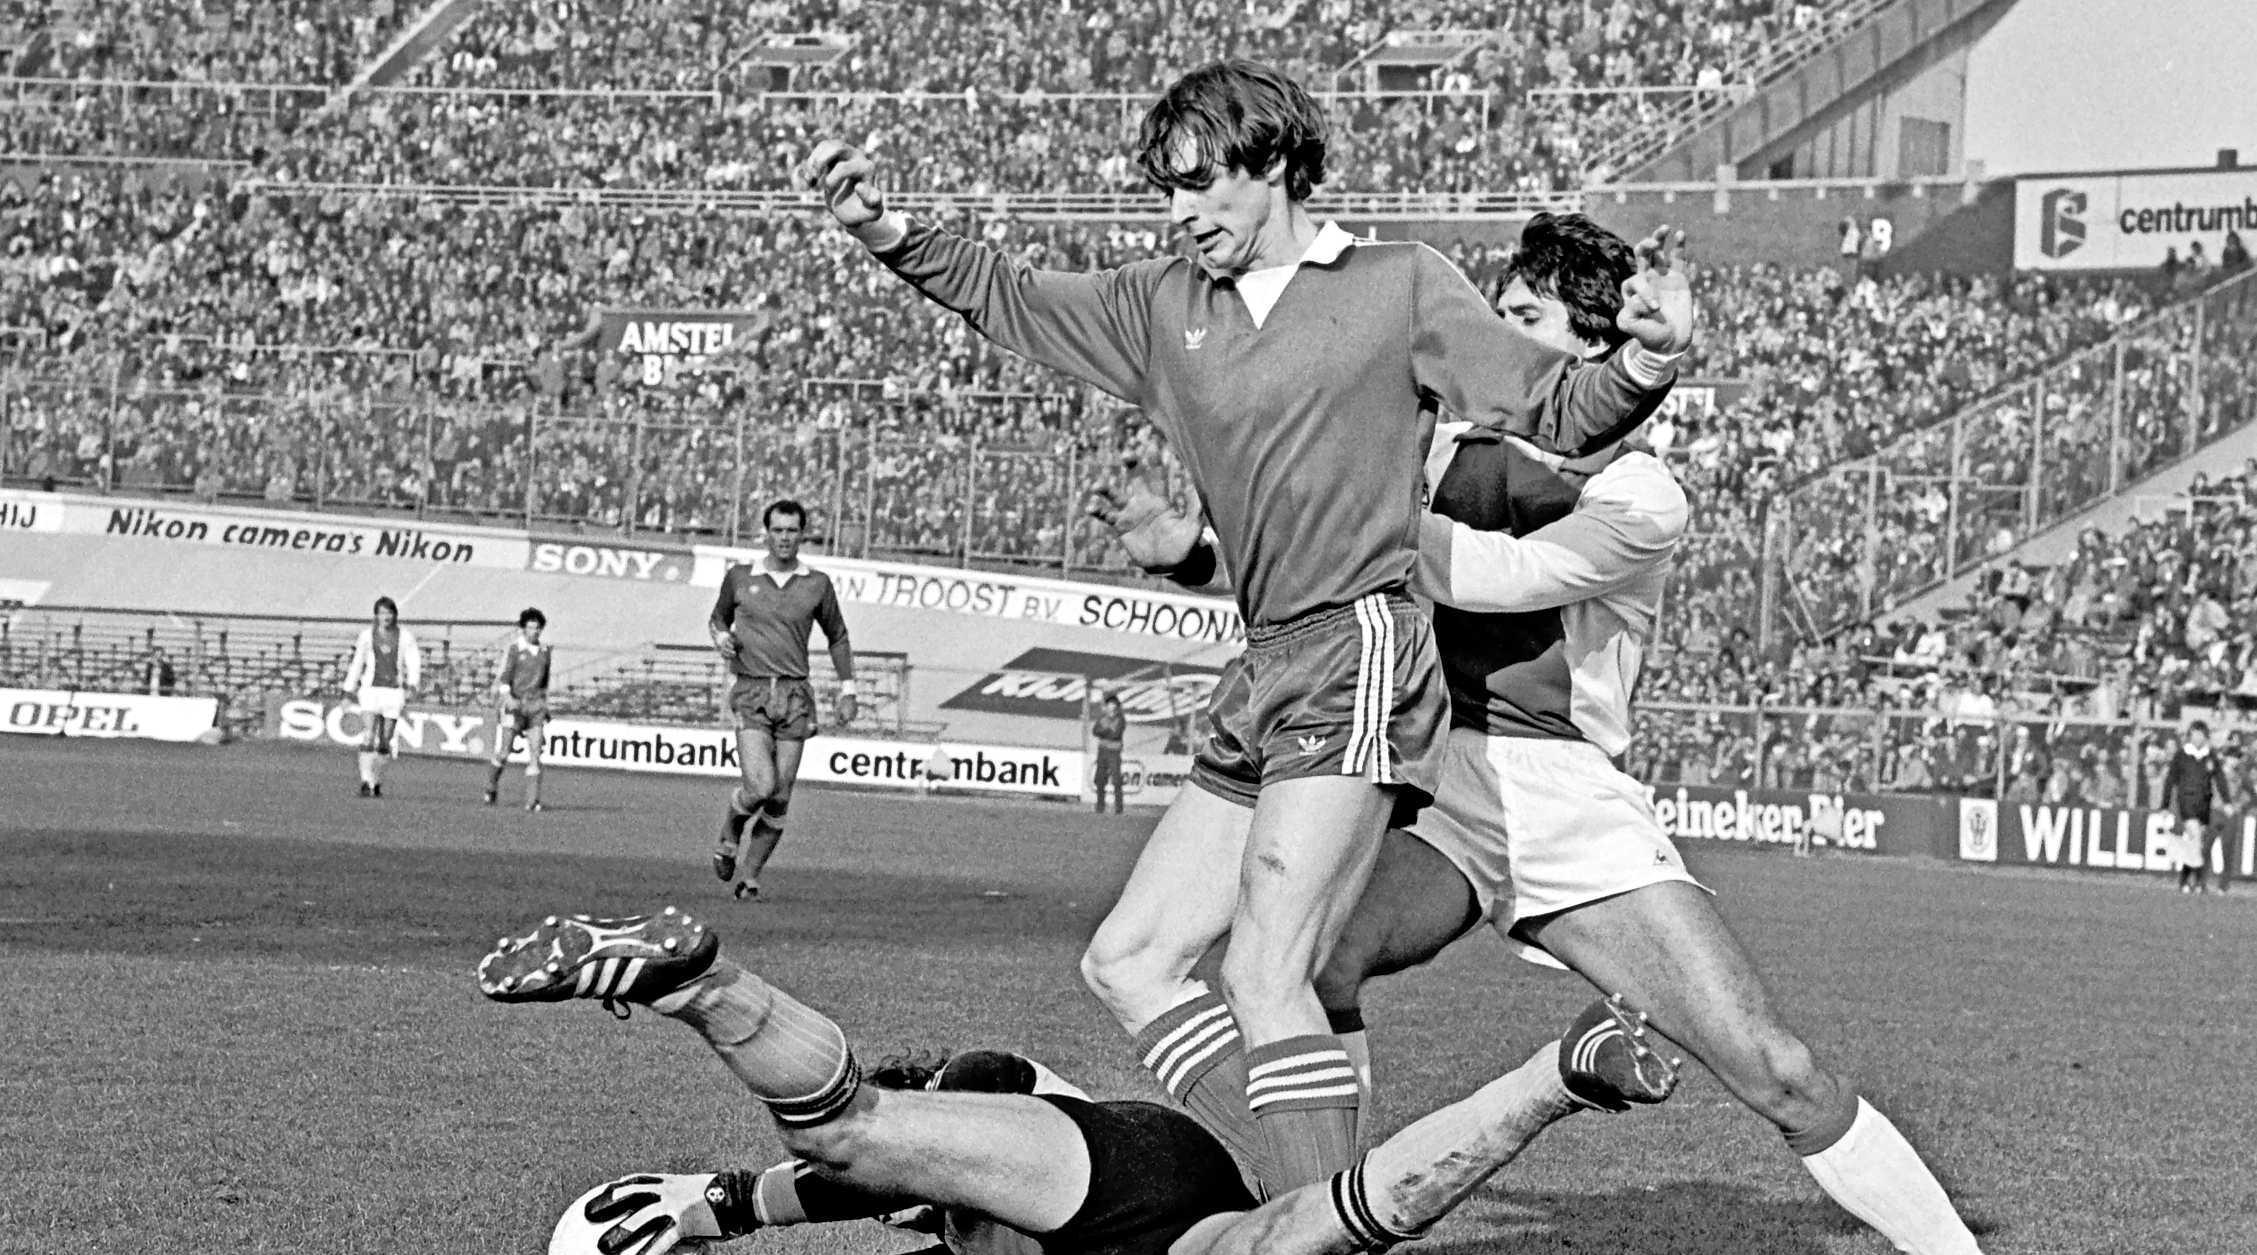 'Anderlecht wilde mij kopen maar AZ vroeg een belachelijk bedrag', aldus Richard van der Meer uit Roelofarendsveen, die kampioen werd met AZ'67 en op zijn 24ste stopte [video]